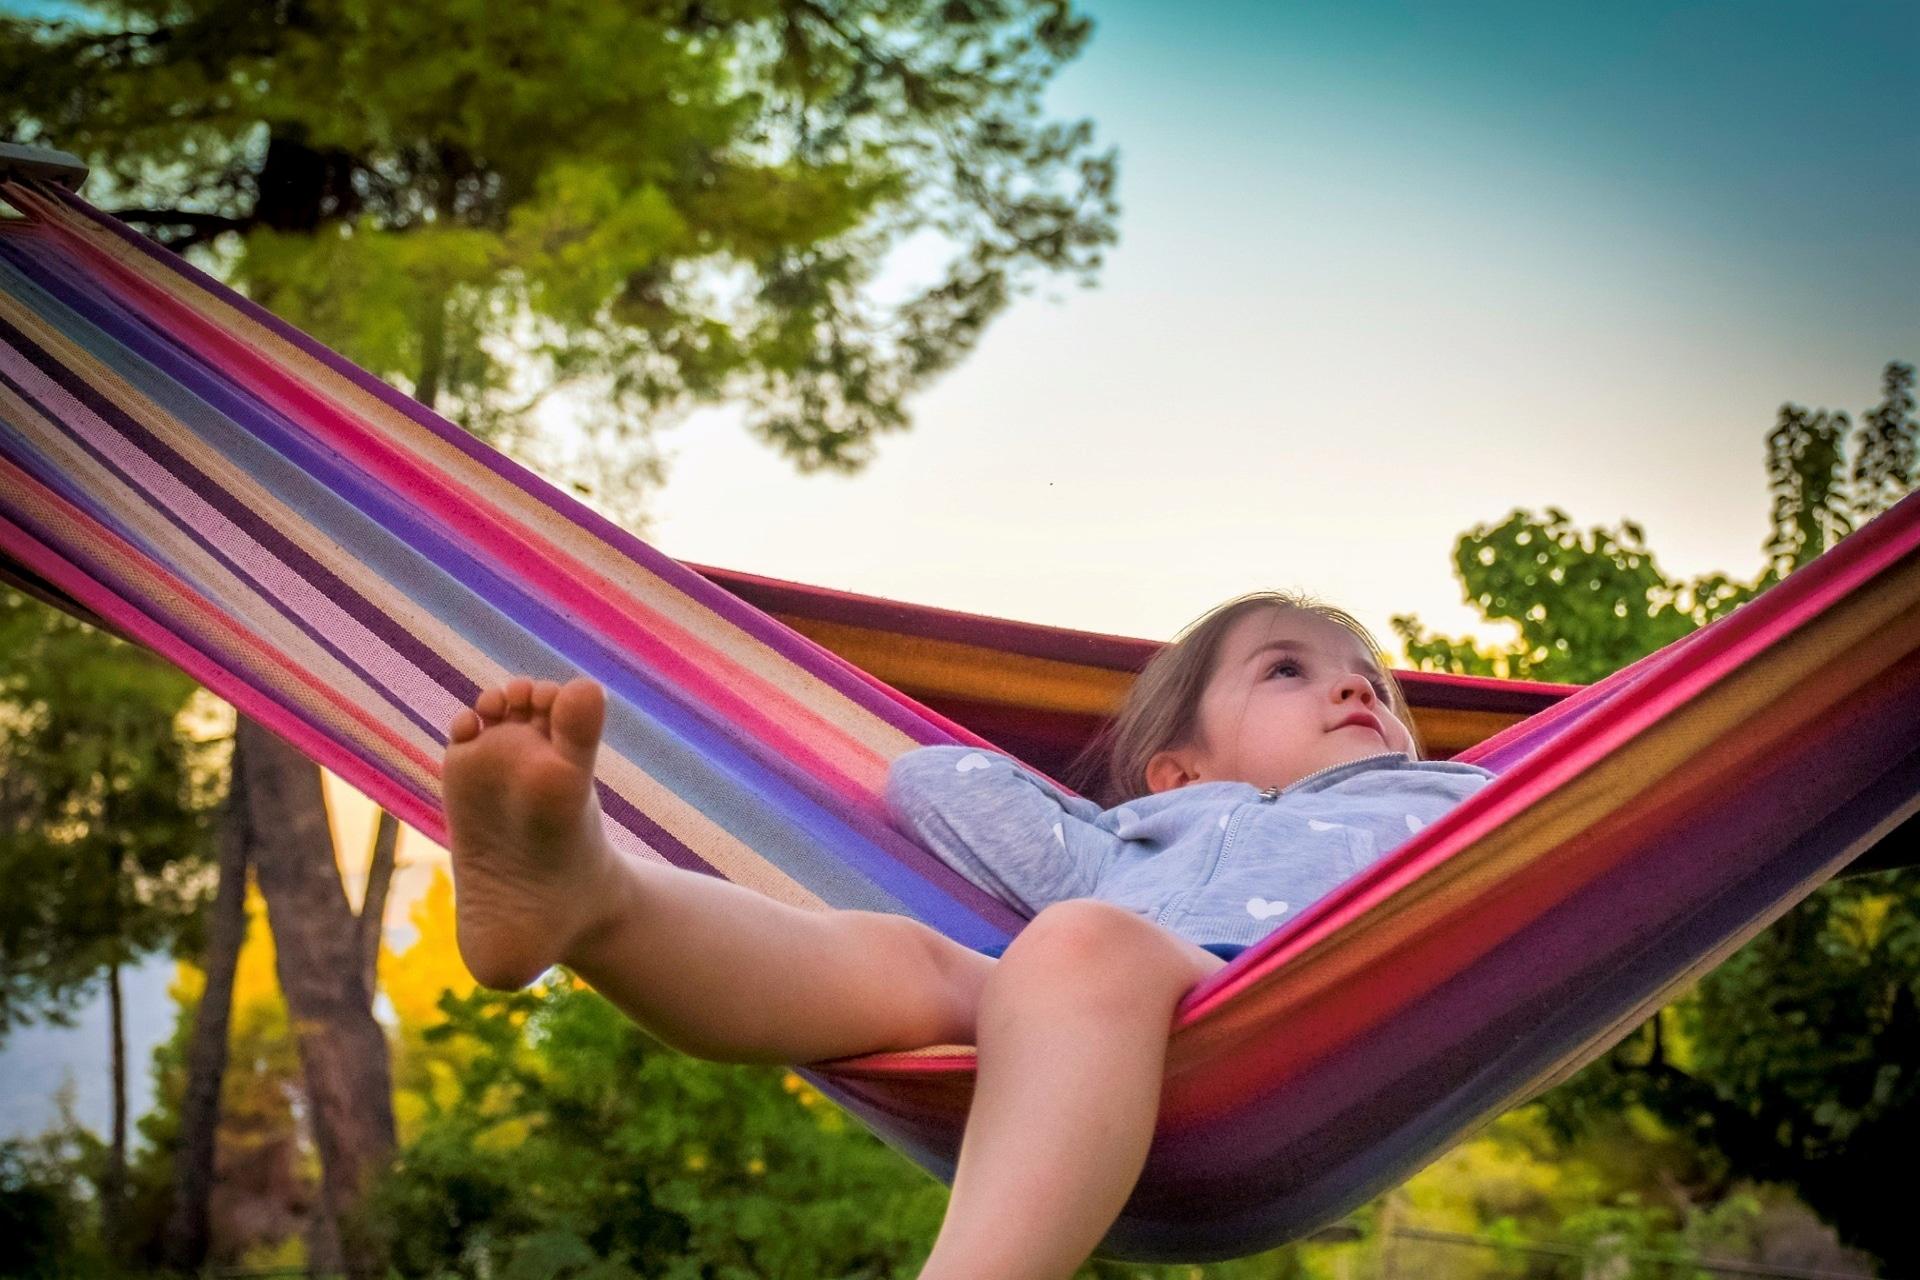 little kid sitting back on hammock outside in the backyard in summmer